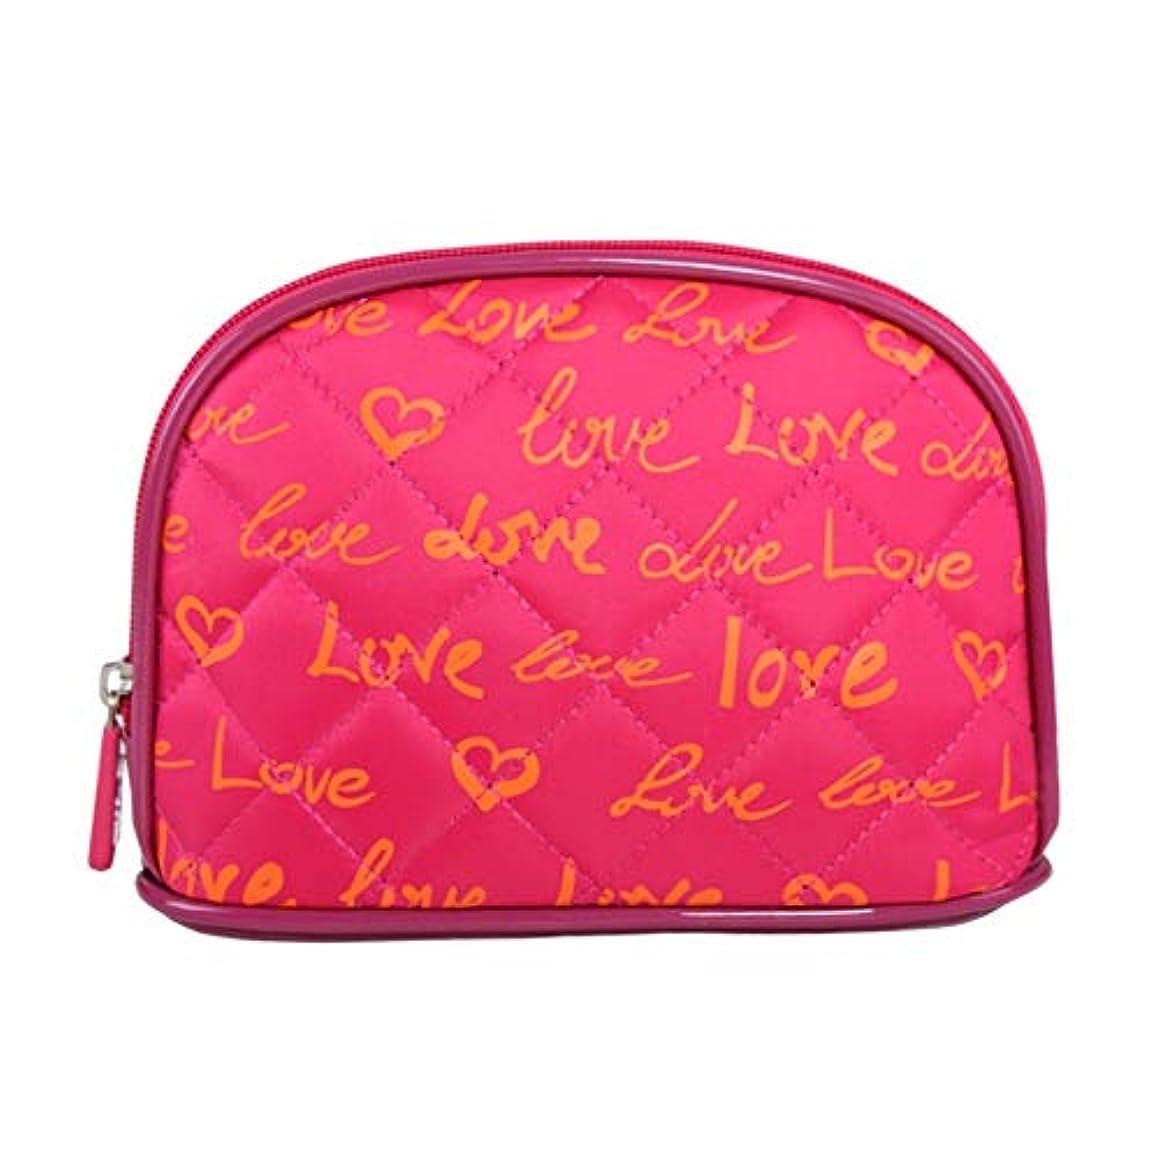 ハイランド晴れ違反化粧オーガナイザーバッグ ポータブル防水化粧品袋印刷トップジッパーメークアップの場合旅行 化粧品ケース (色 : 赤)